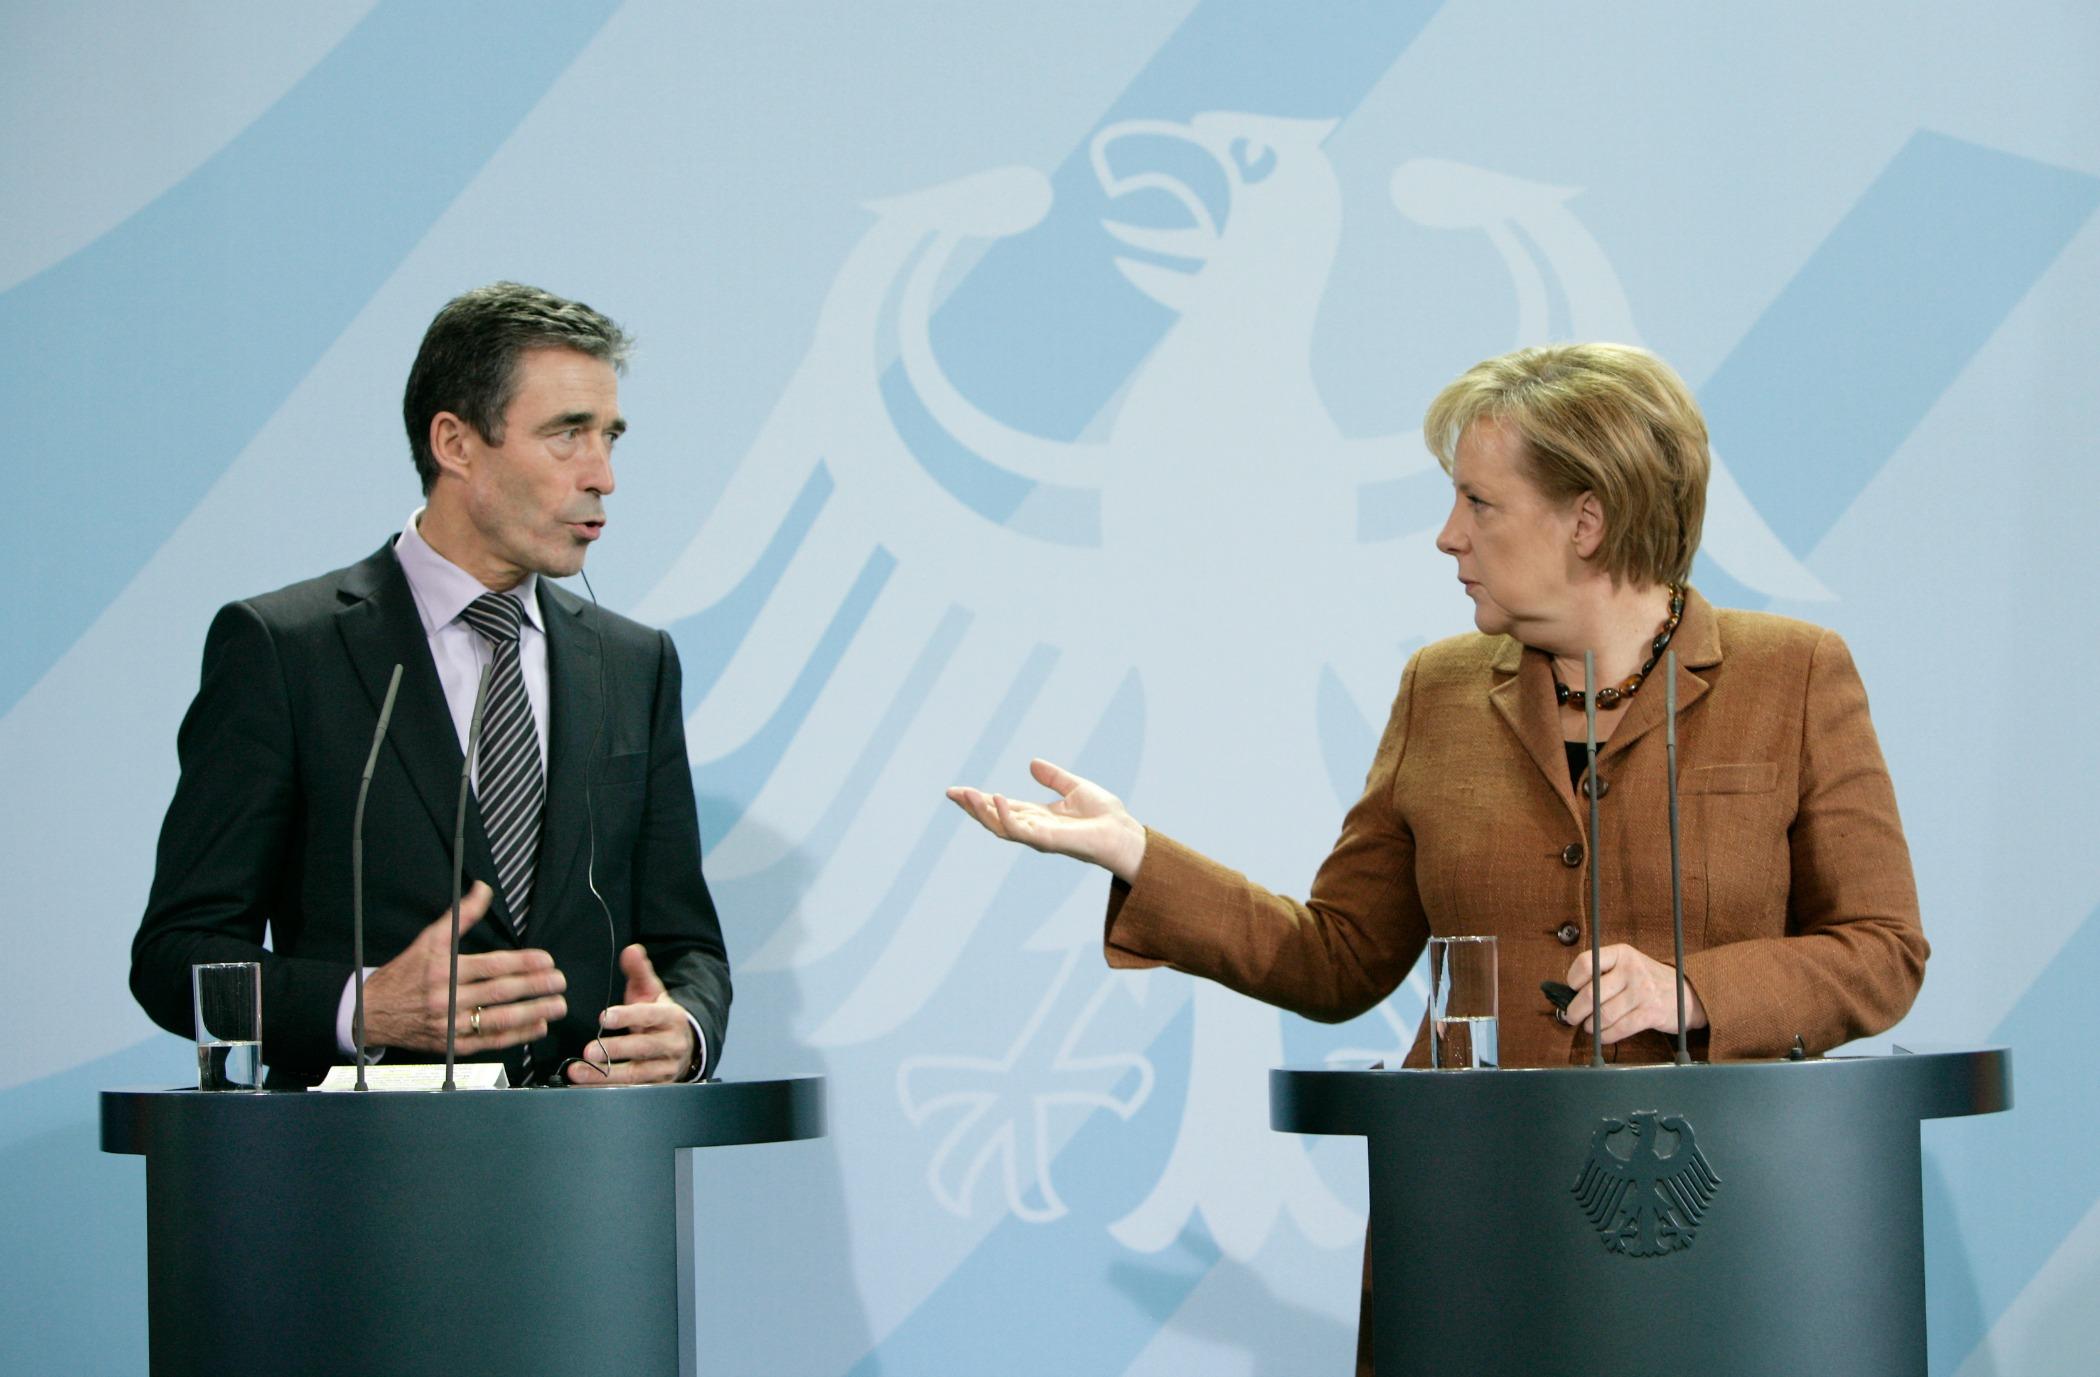 Anders Fogh Rasmussen and Angela Merkel [Medien Bundeswehr/Flickr]